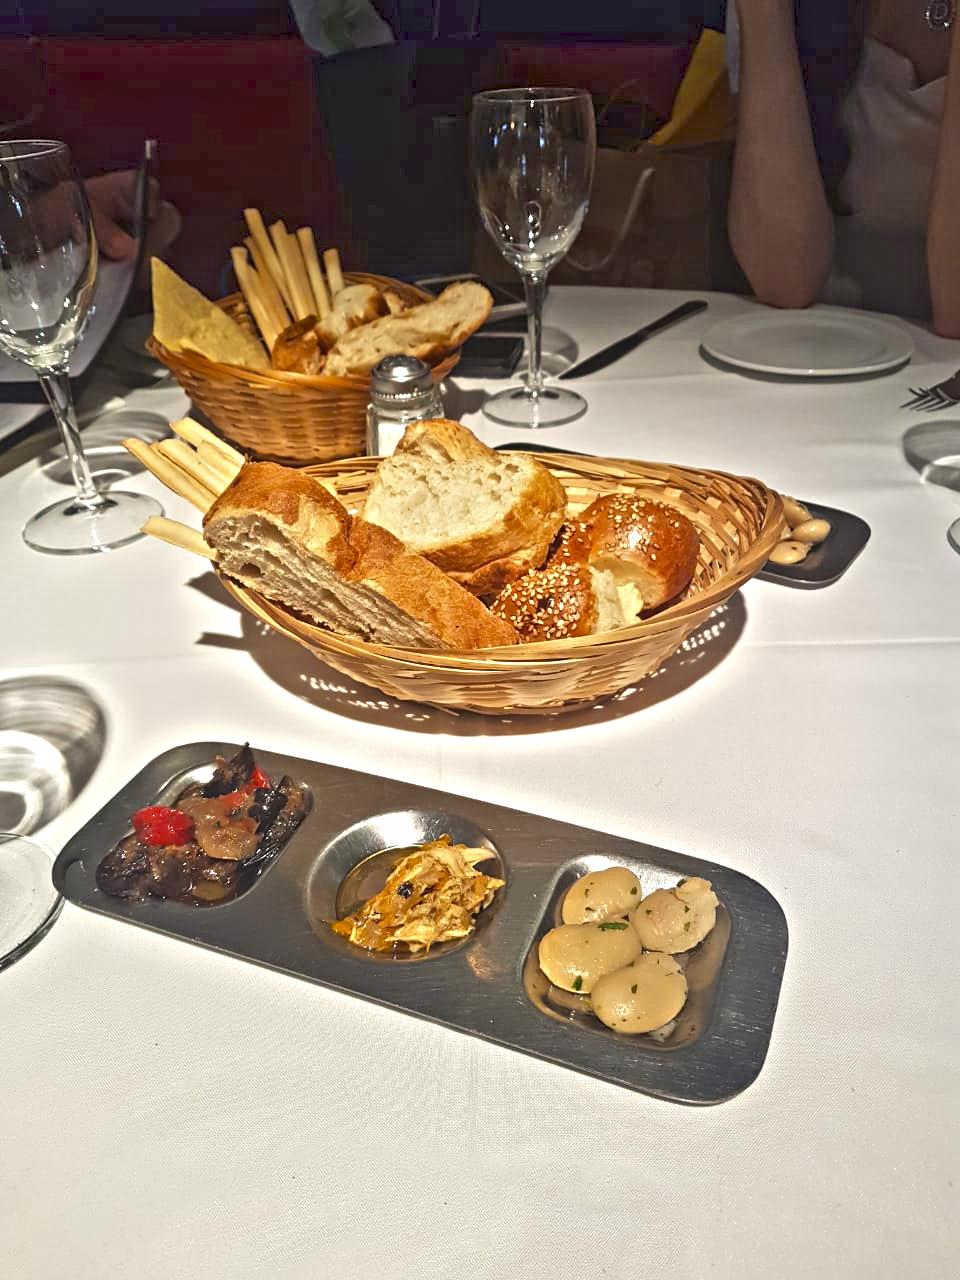 Cestinhas de pães em uma mesa com toalha branca.